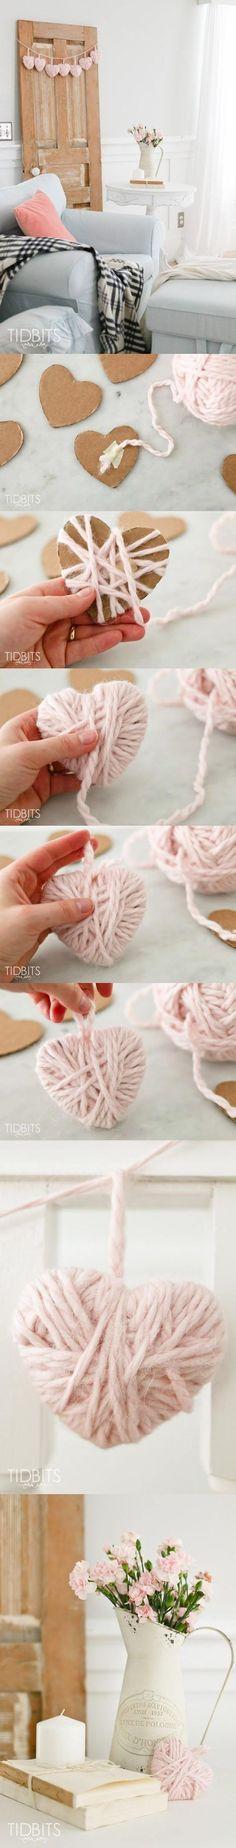 DIY Valentine Yarn Heart - tidbits-cami.com - Decora con corazones de lana DIY: